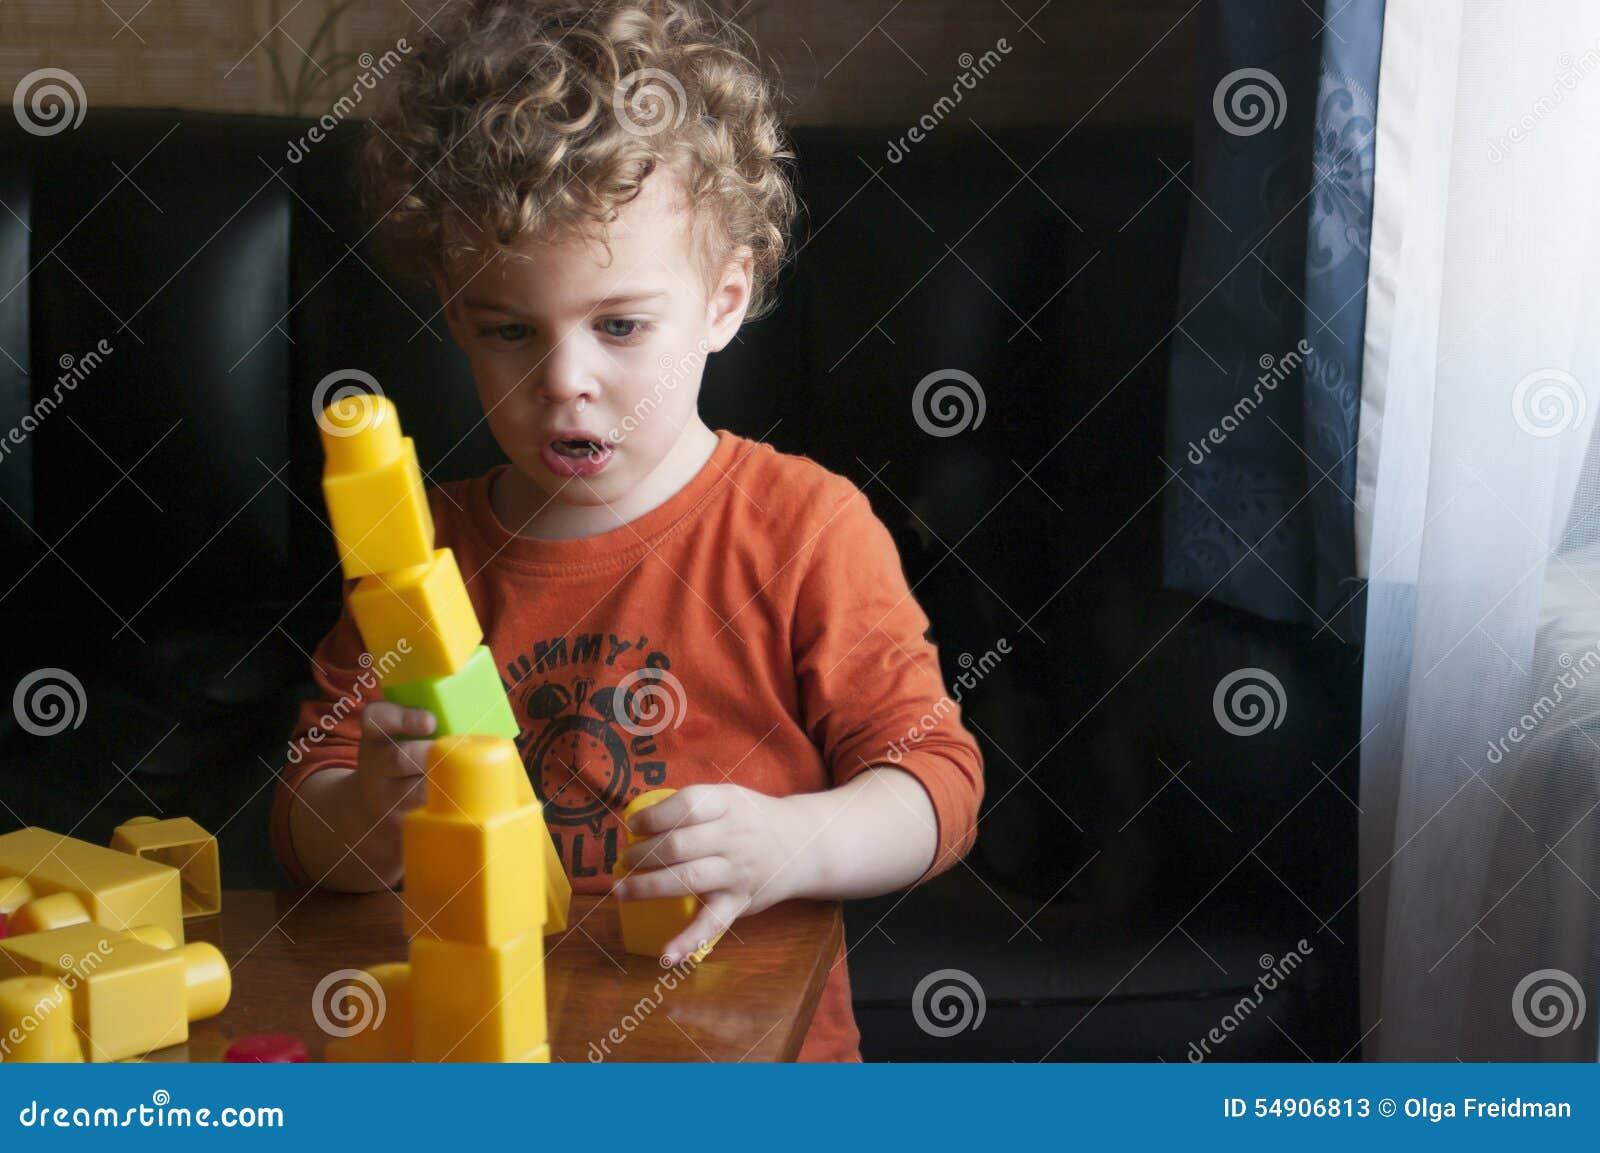 Little boy builds a tower